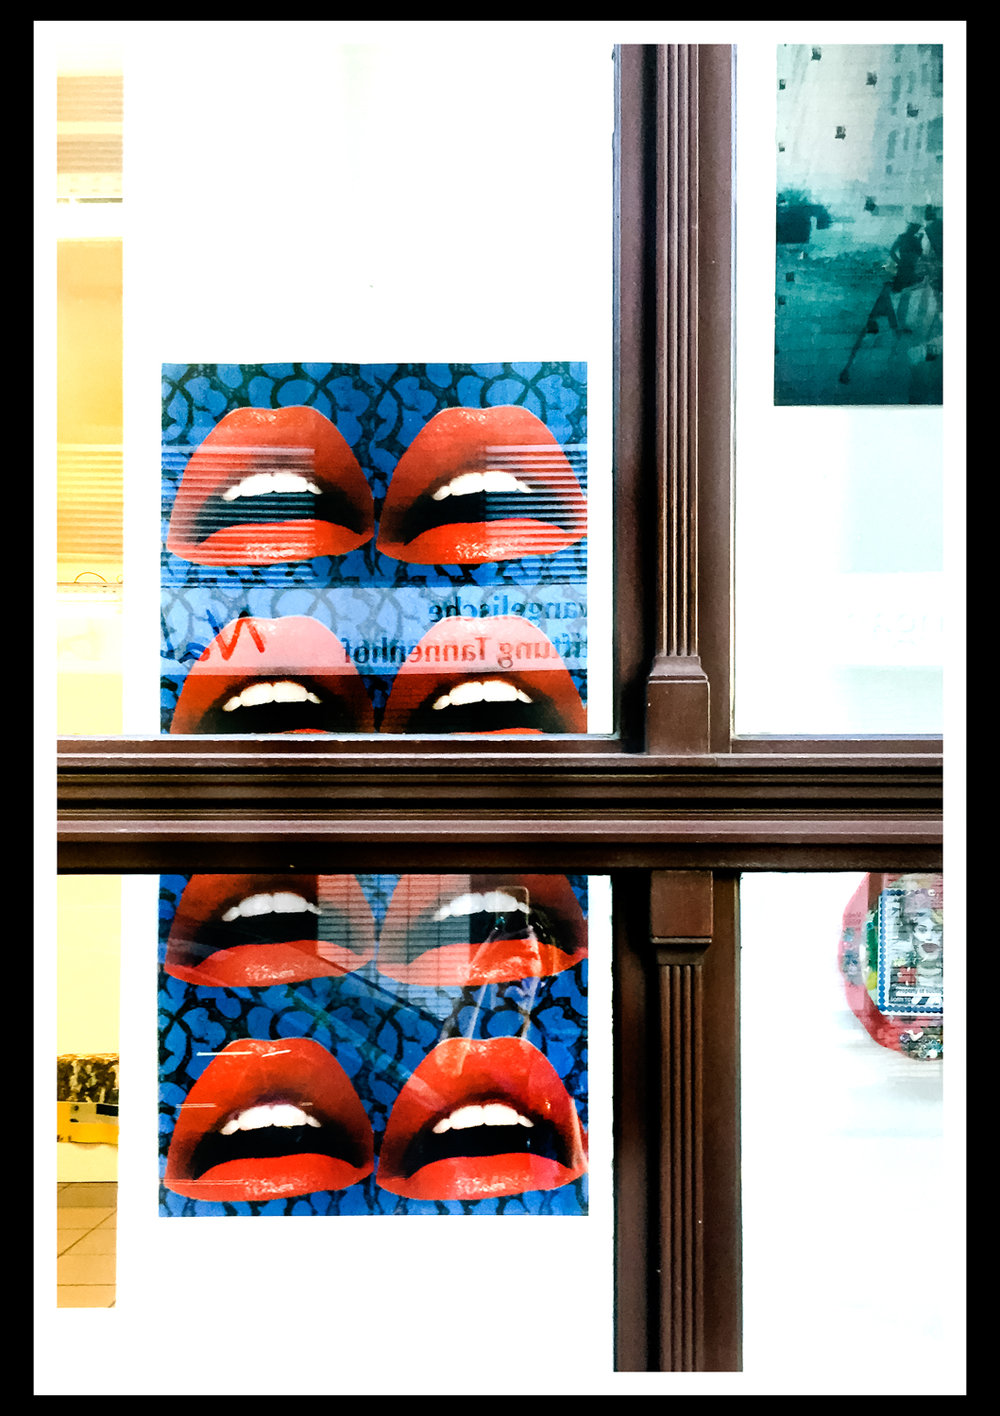 Kunstkomplex-ExhibitionPhotos-HEYDT-12.jpg